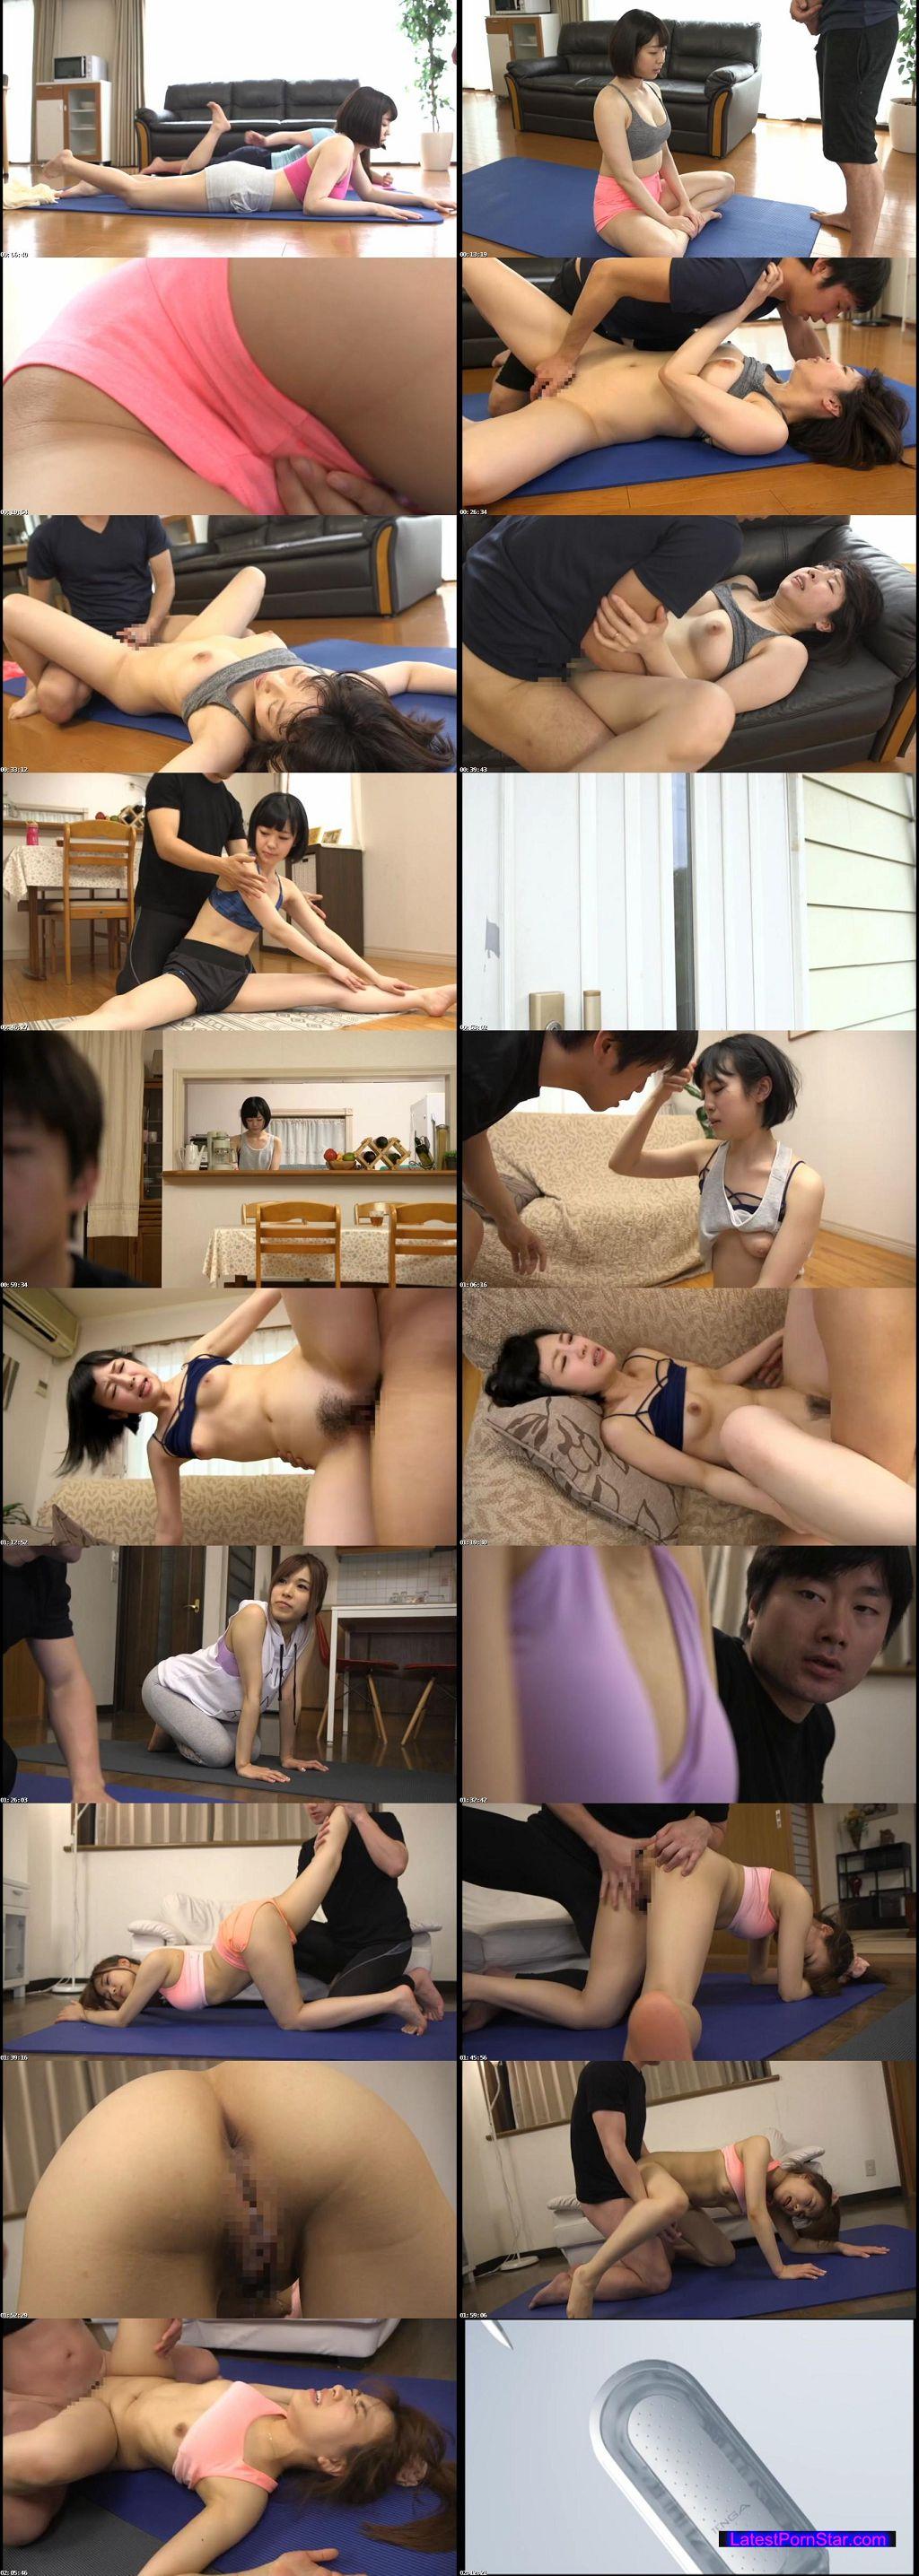 [FSET-646] 「なんで!?今日は股間がアツイ!」プライベートヨガレッスンでパンツに媚薬を塗られ腰をヒクつかせながら感じてしまう若妻